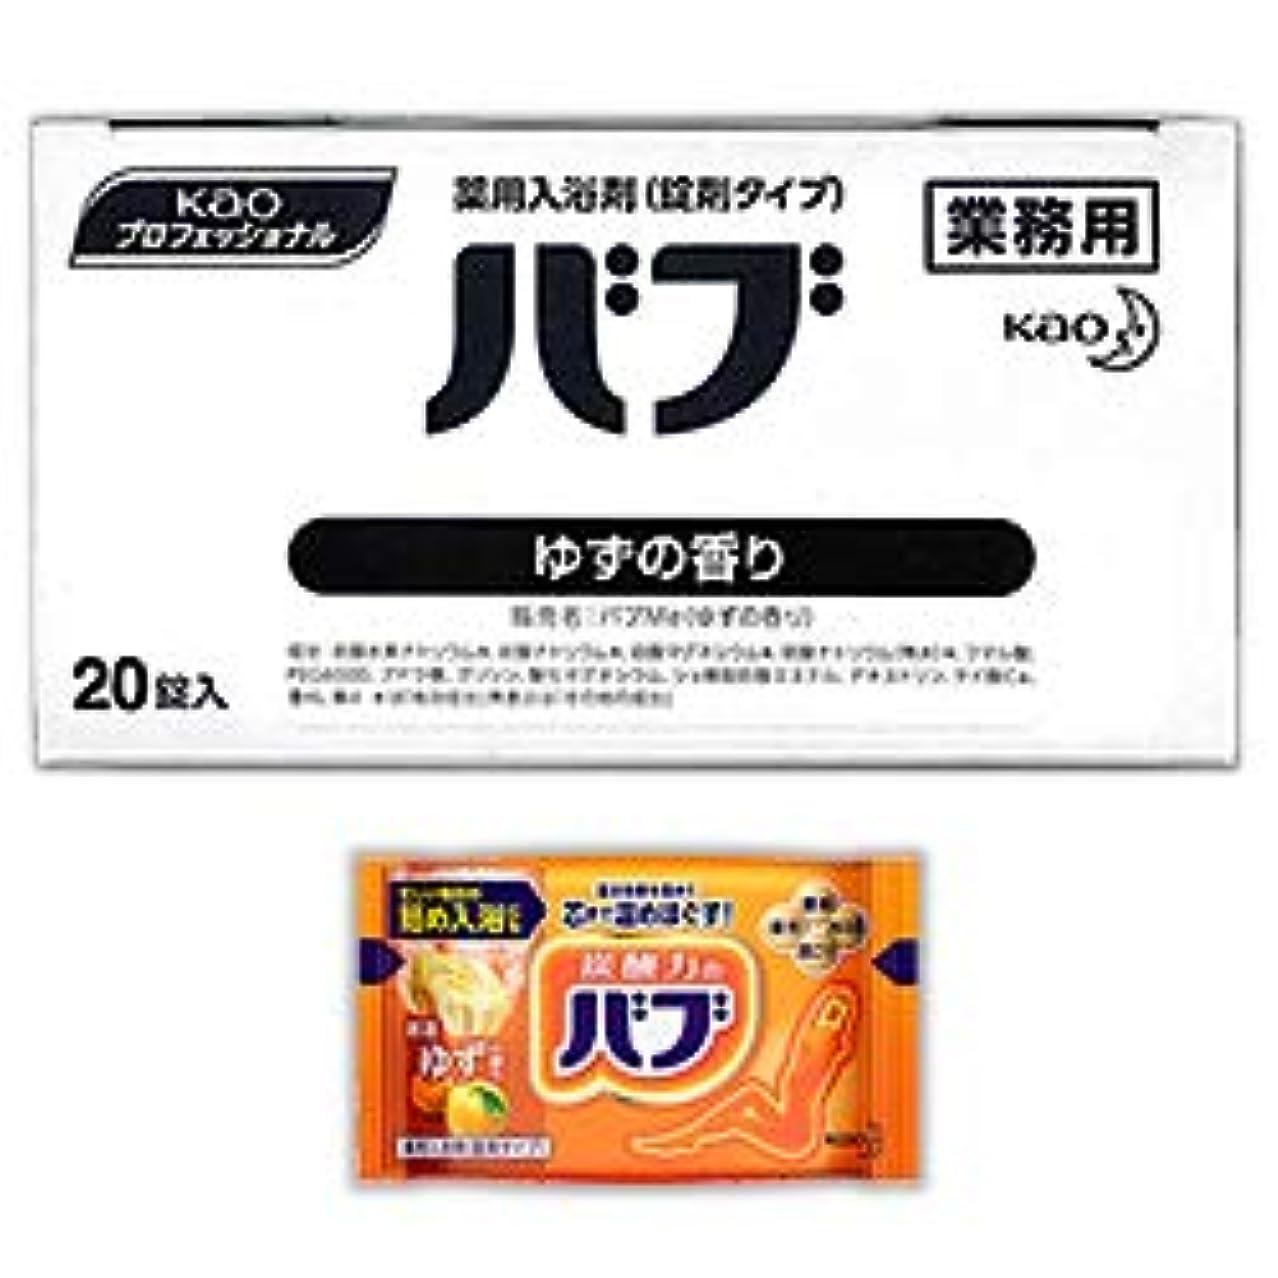 安心させる小間そばに【花王】Kaoプロフェッショナル バブ ゆずの香り(業務用) 40g×20錠入 ×5個セット